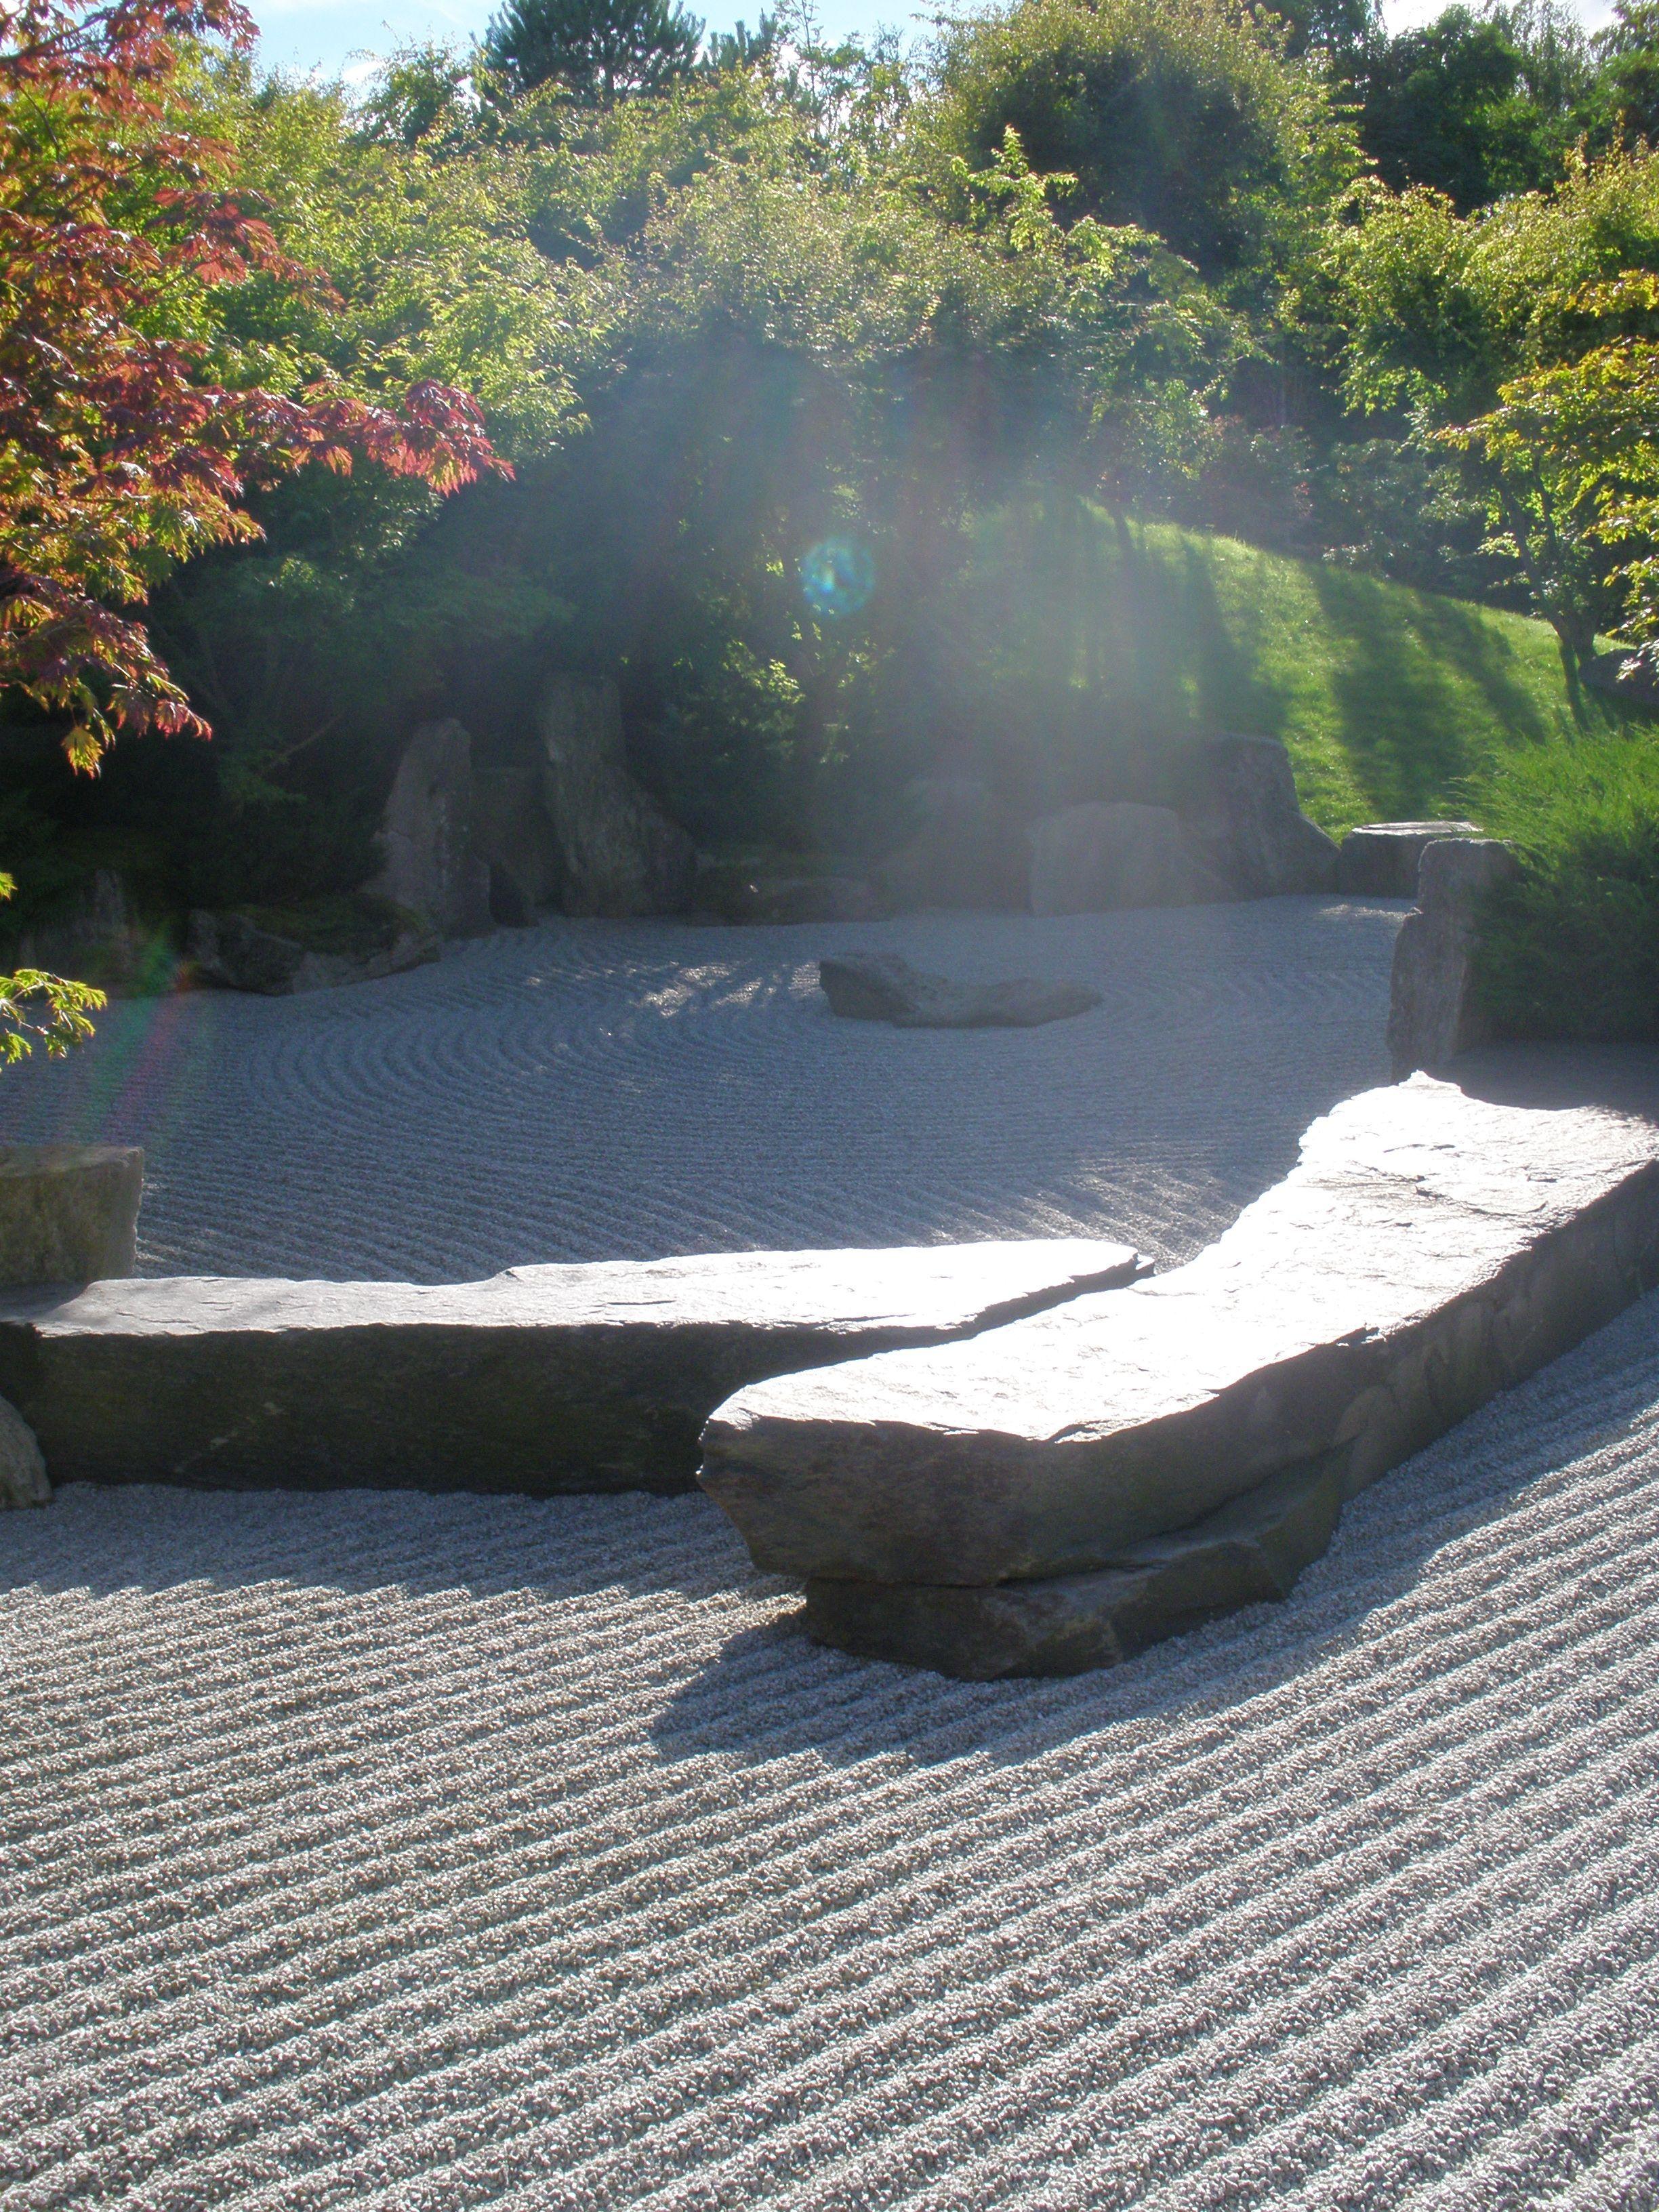 Japanischer Garten Garten Der Welt Berlin Japanischer Garten Garten Garten Der Welt Berlin